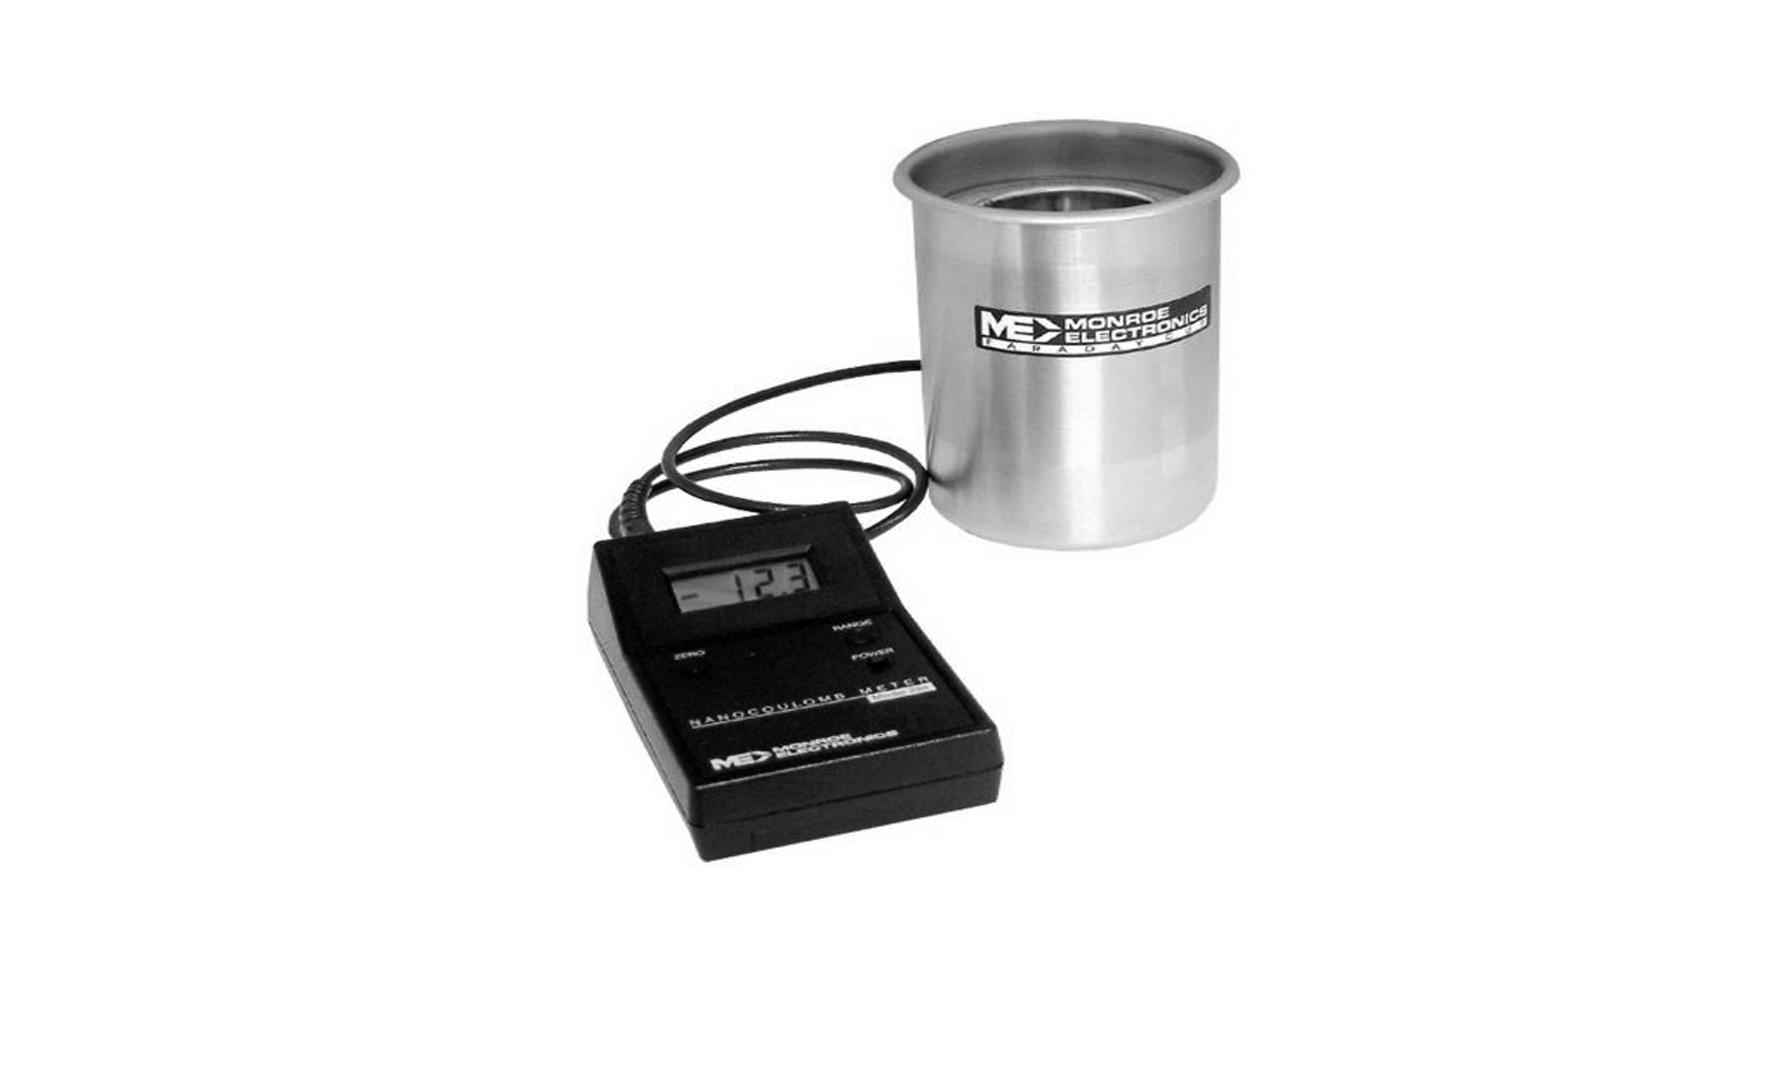 Thiết bị đo mật độ hạt tĩnh điện NanoCoulombmeter Model 284